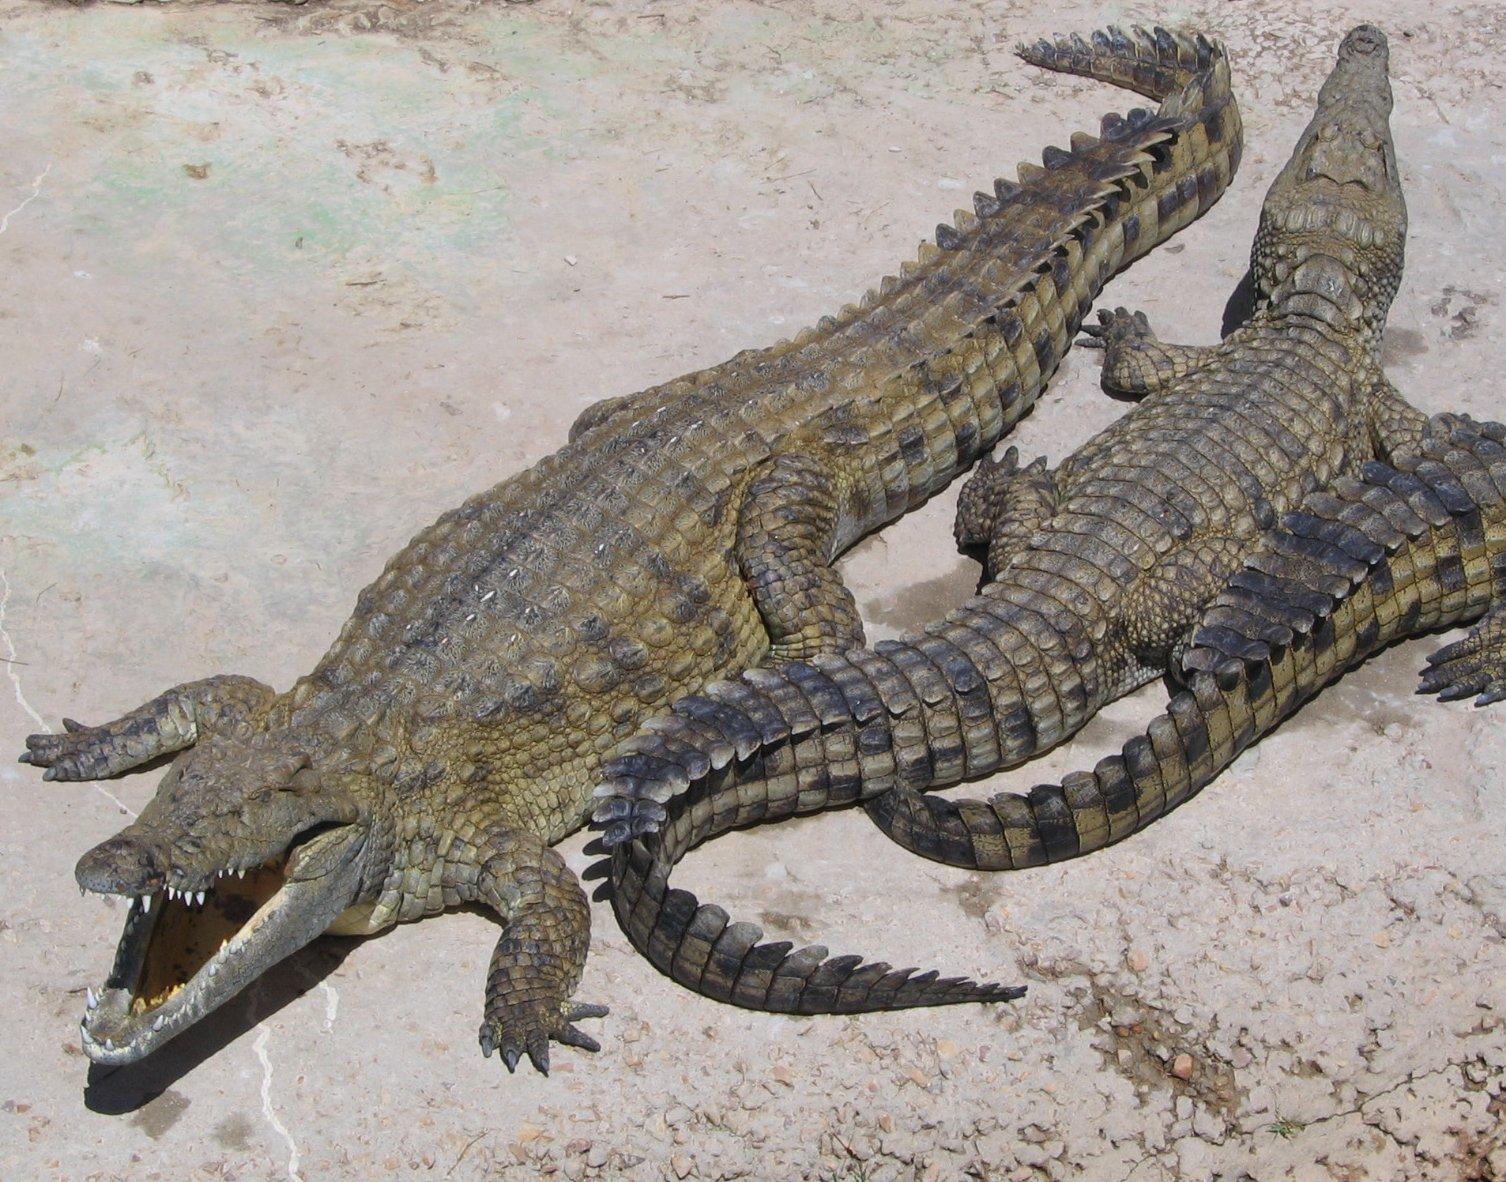 http://2.bp.blogspot.com/-94KuXsLZZDo/ThcNi4WO9_I/AAAAAAAACpQ/ozjzuq_BbAA/s1600/nile-crocodile.jpg